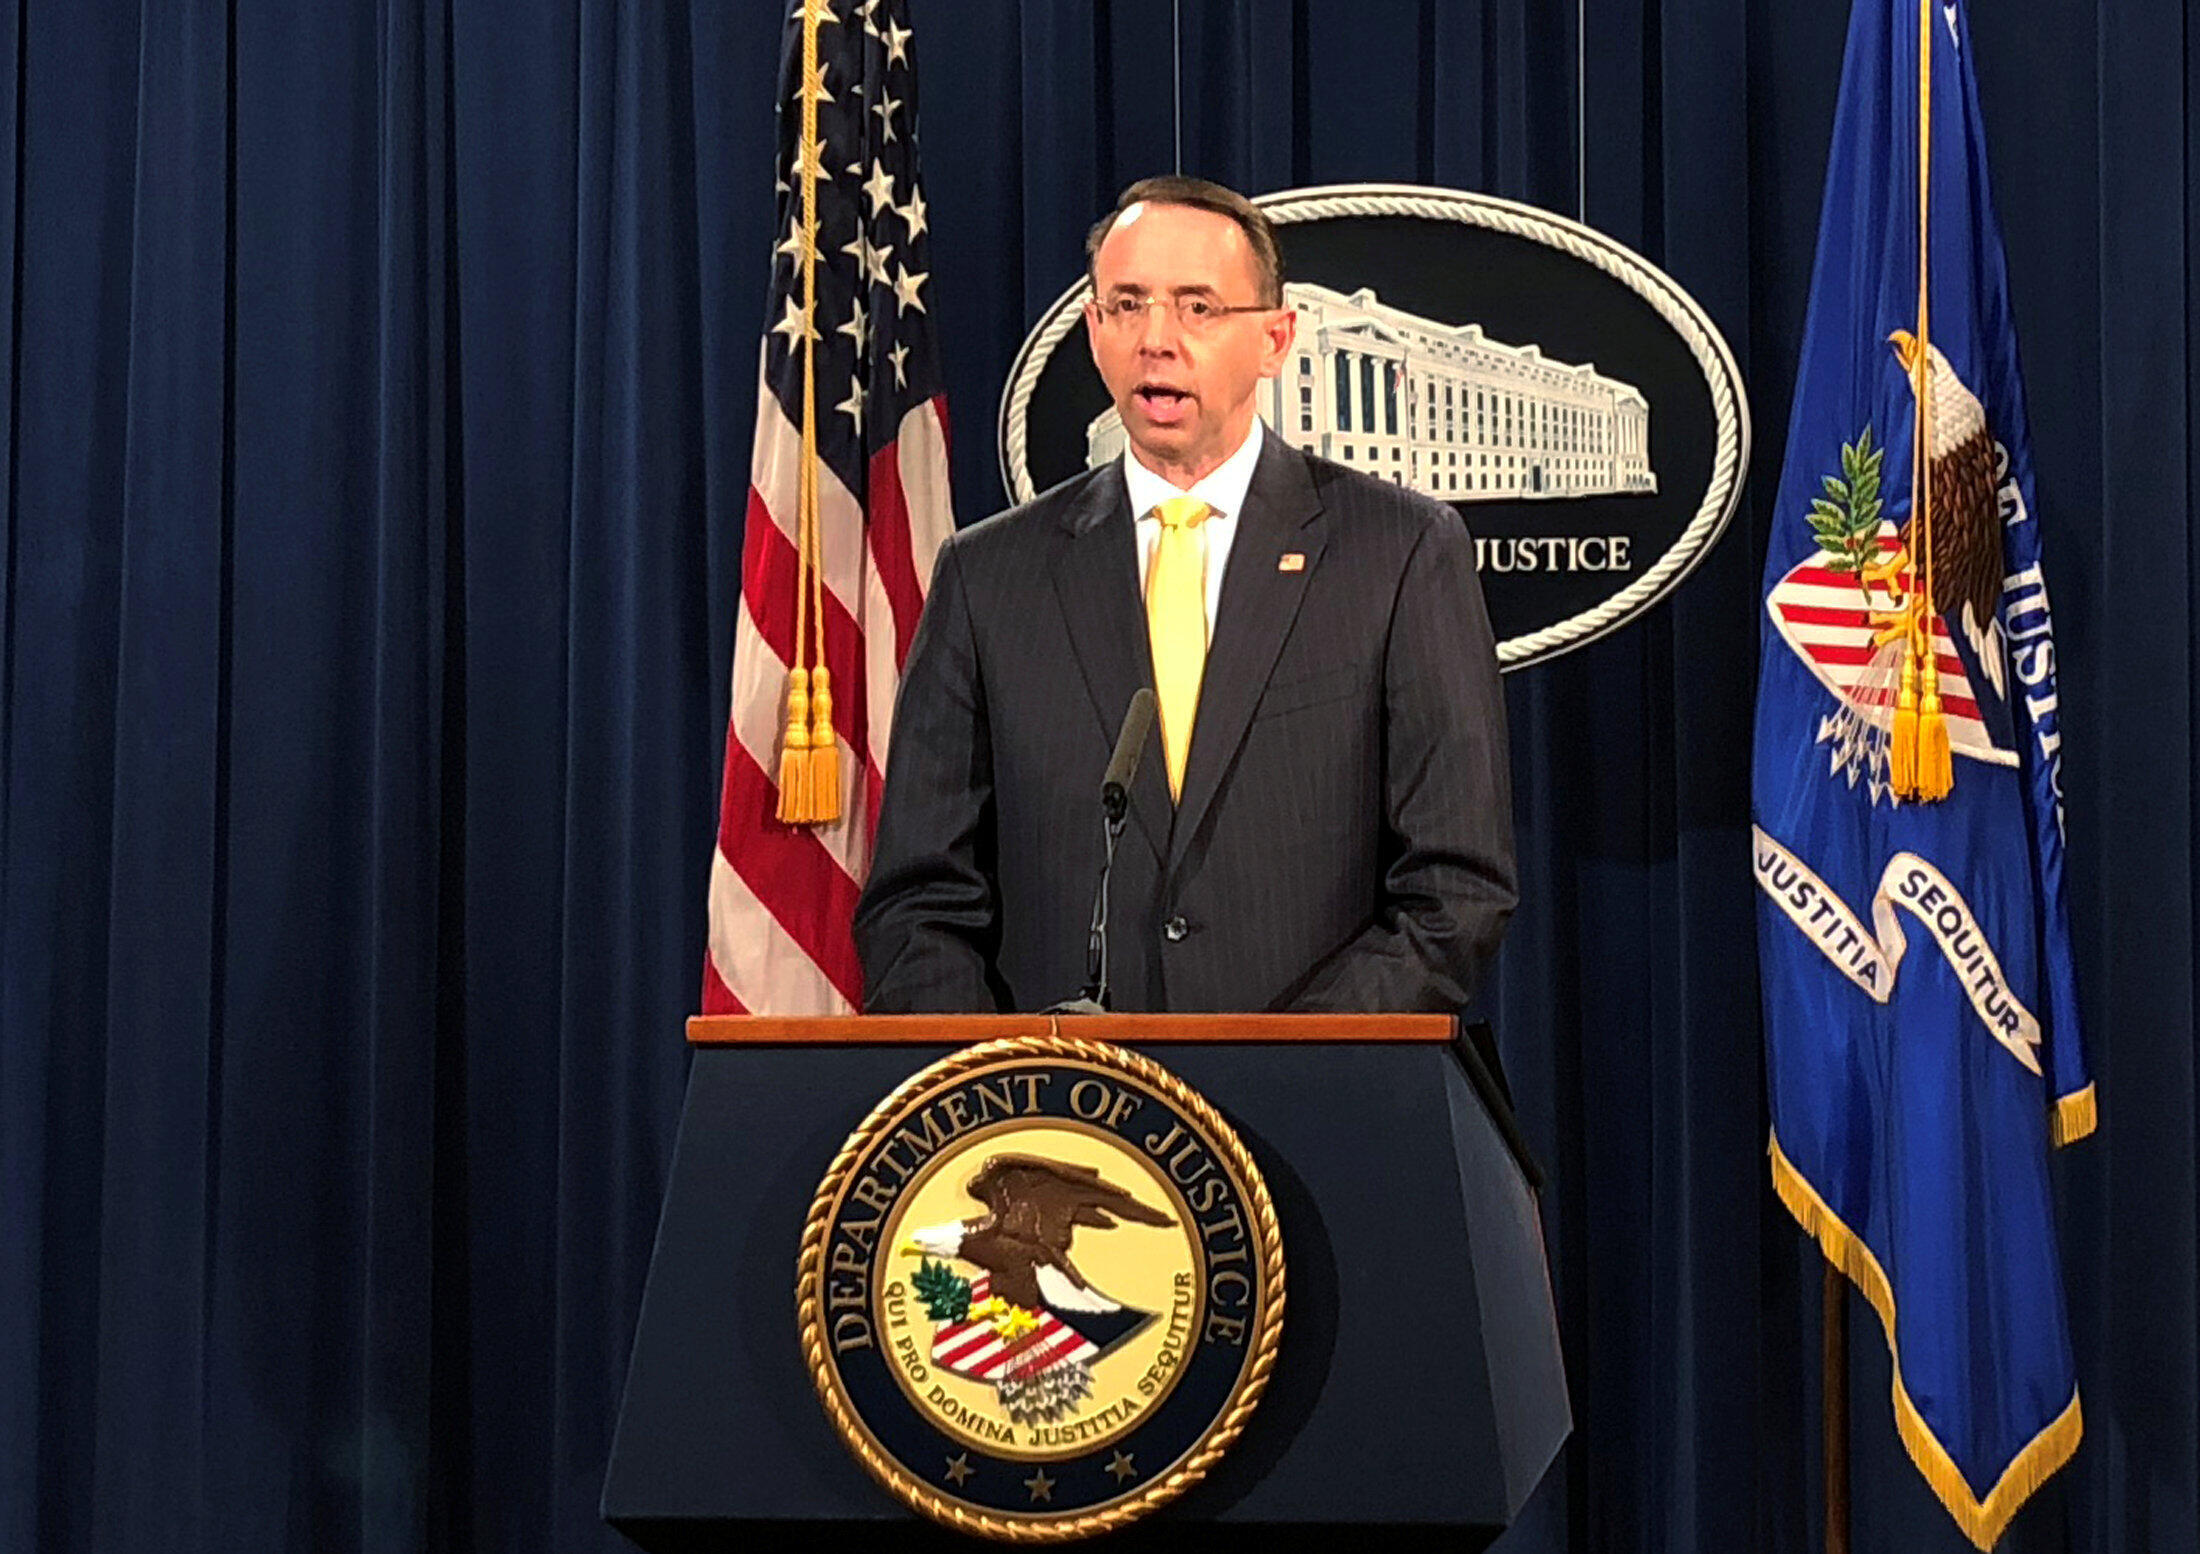 Procurador-geral adjunto dos Estados Unidos, Rod Rosenstein, acusa de 13 russos de interferência nas eleições de 2016 durante conferência no Departamento de Justiça, em 16 de fevereiro de 2018.